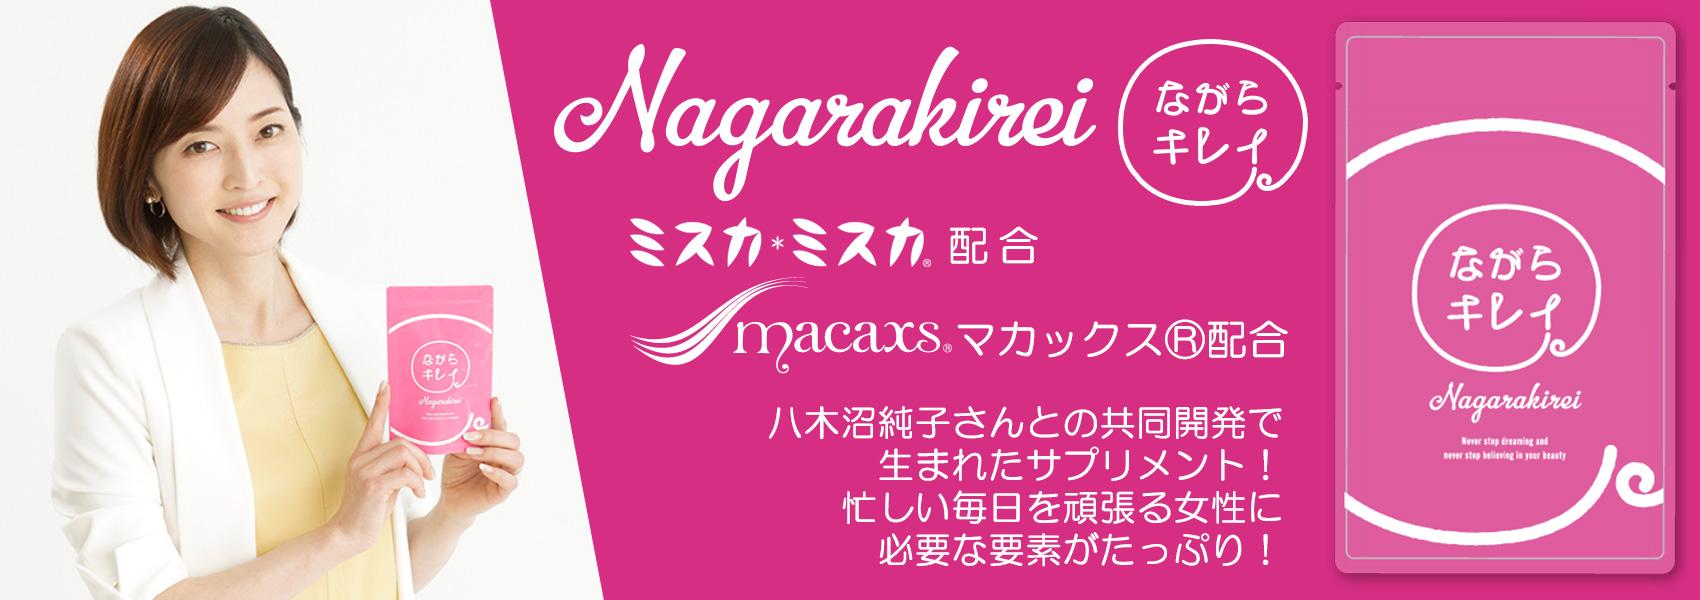 「ながらキレイ」はフィギュアスケート解説でもおなじみ八木沼純子さんとの共同開発で生まれたサプリメント。忙しい毎日を頑張る女性に必要な栄養素がたっぷり!